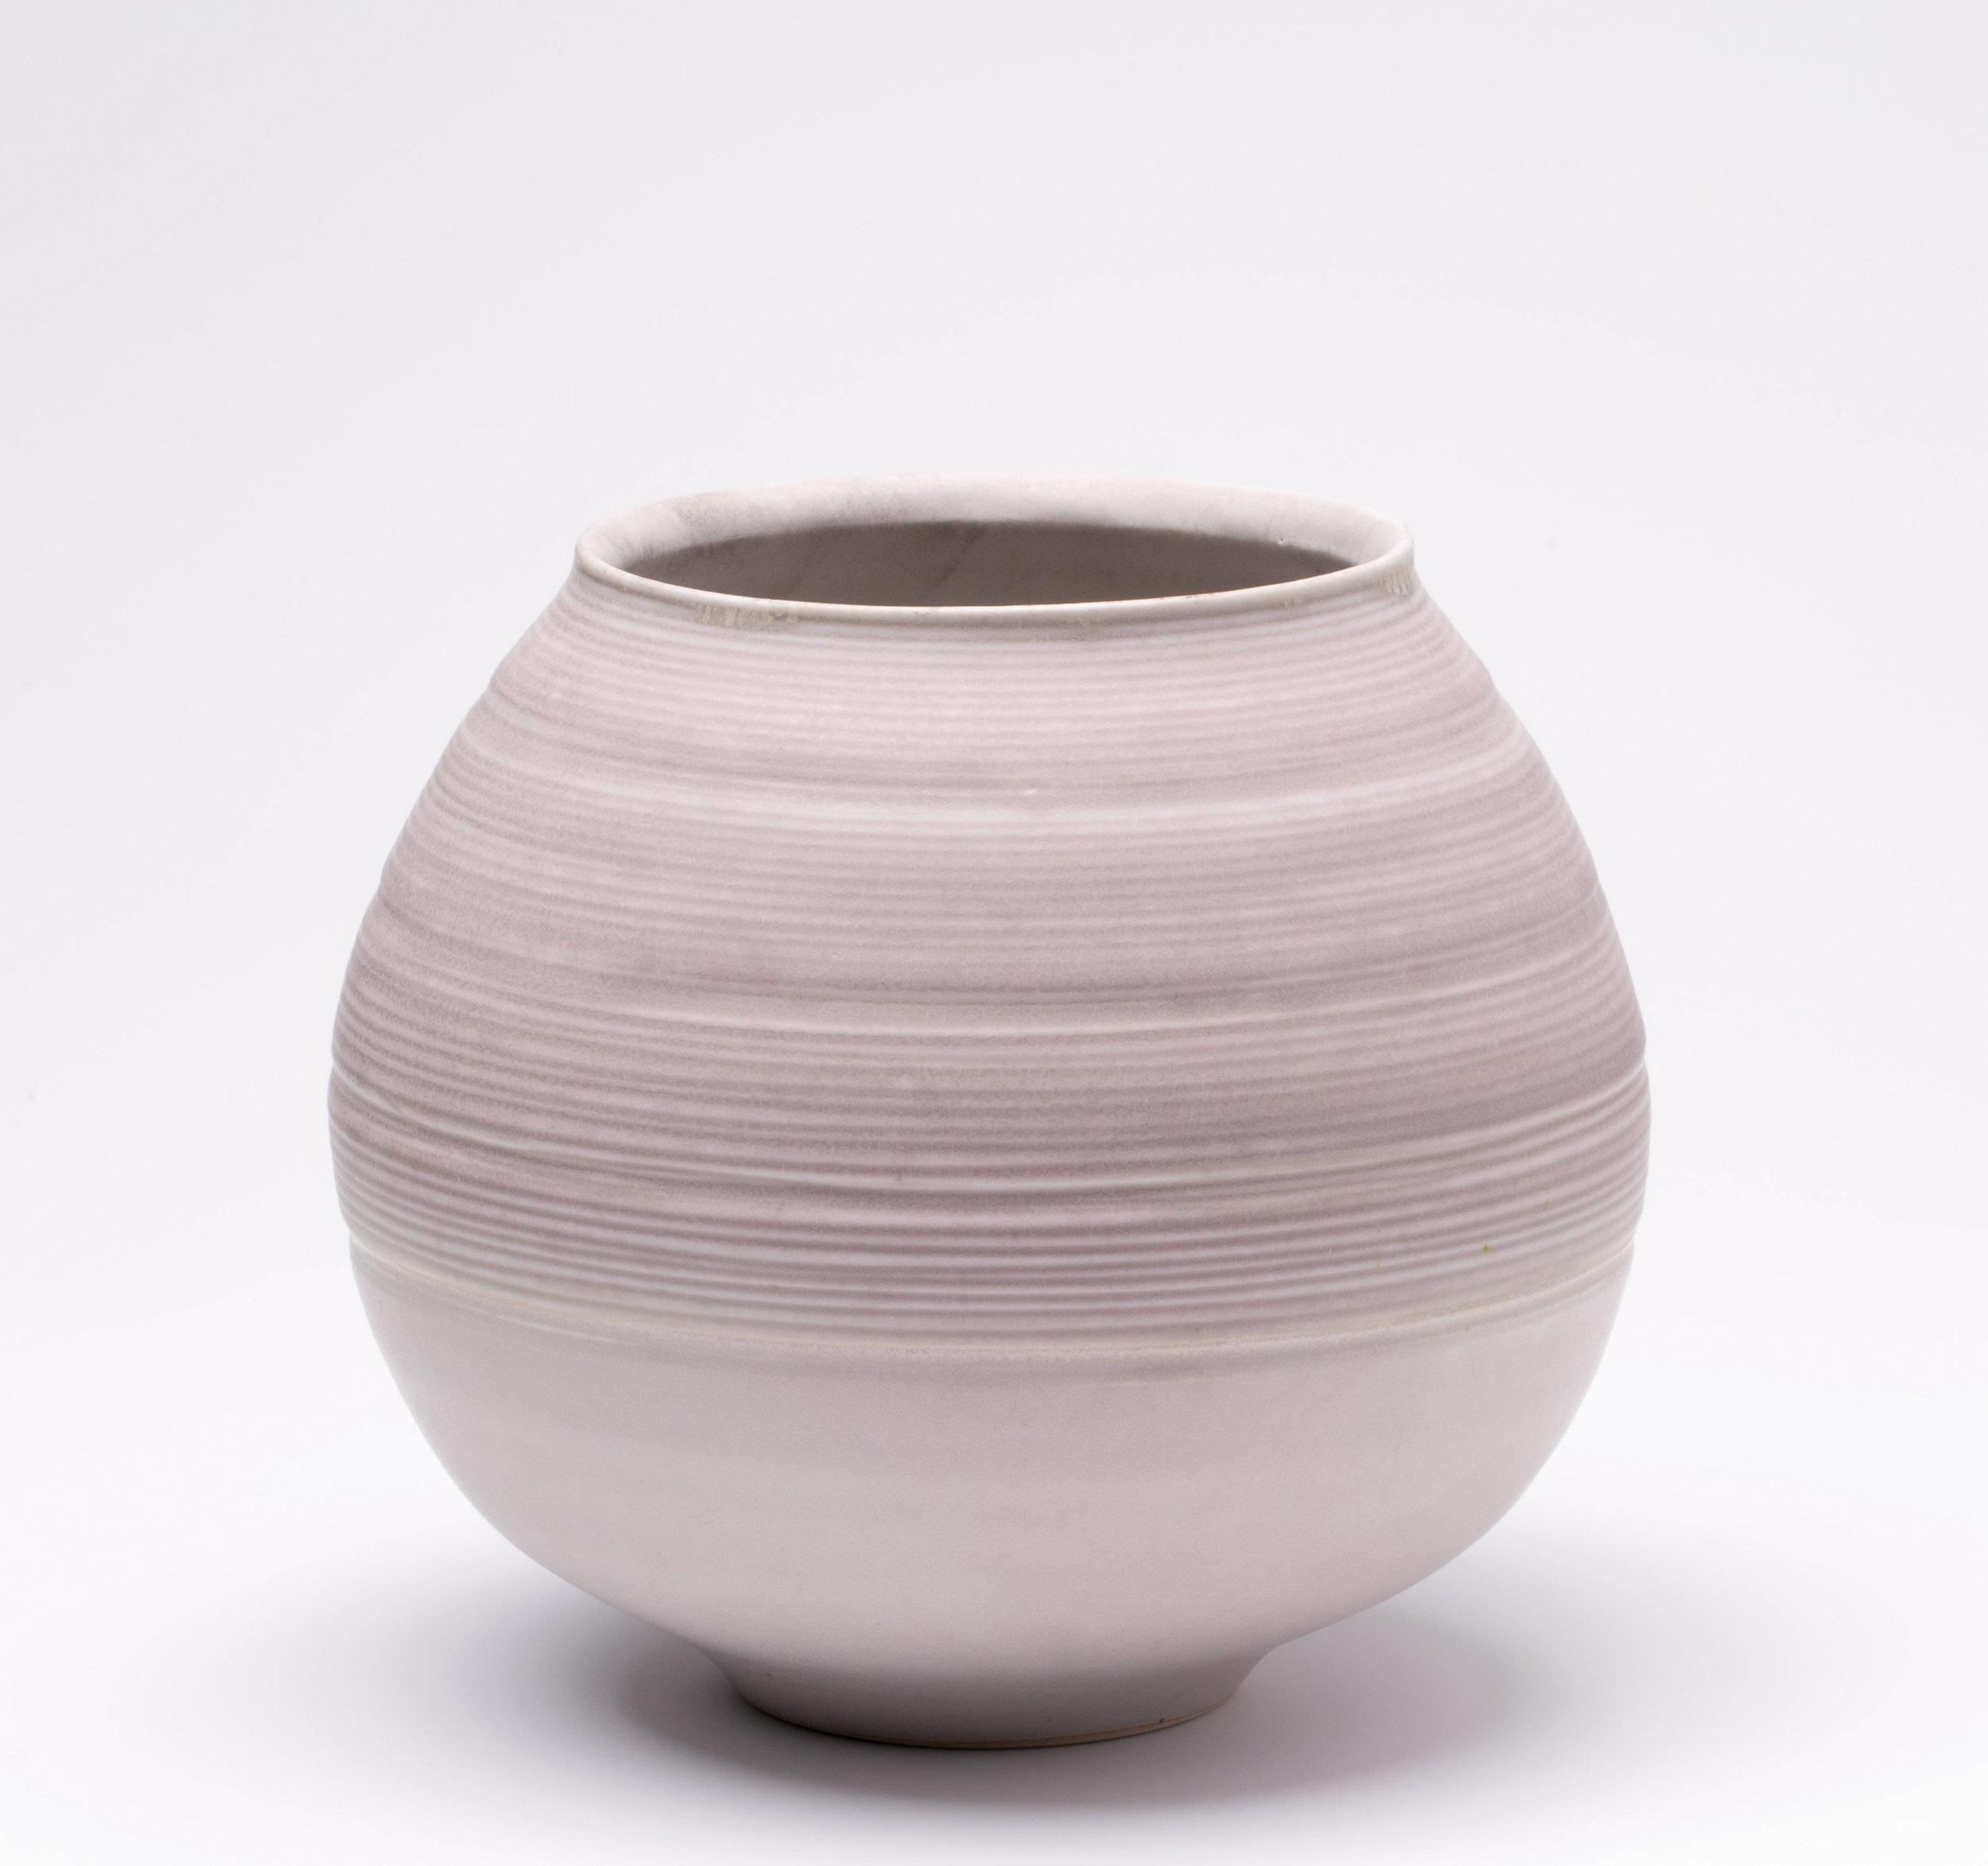 """Bulbous Vase  Cone 10 Reduction Porcelain  7.5"""" W x 7.25"""" H  2016"""